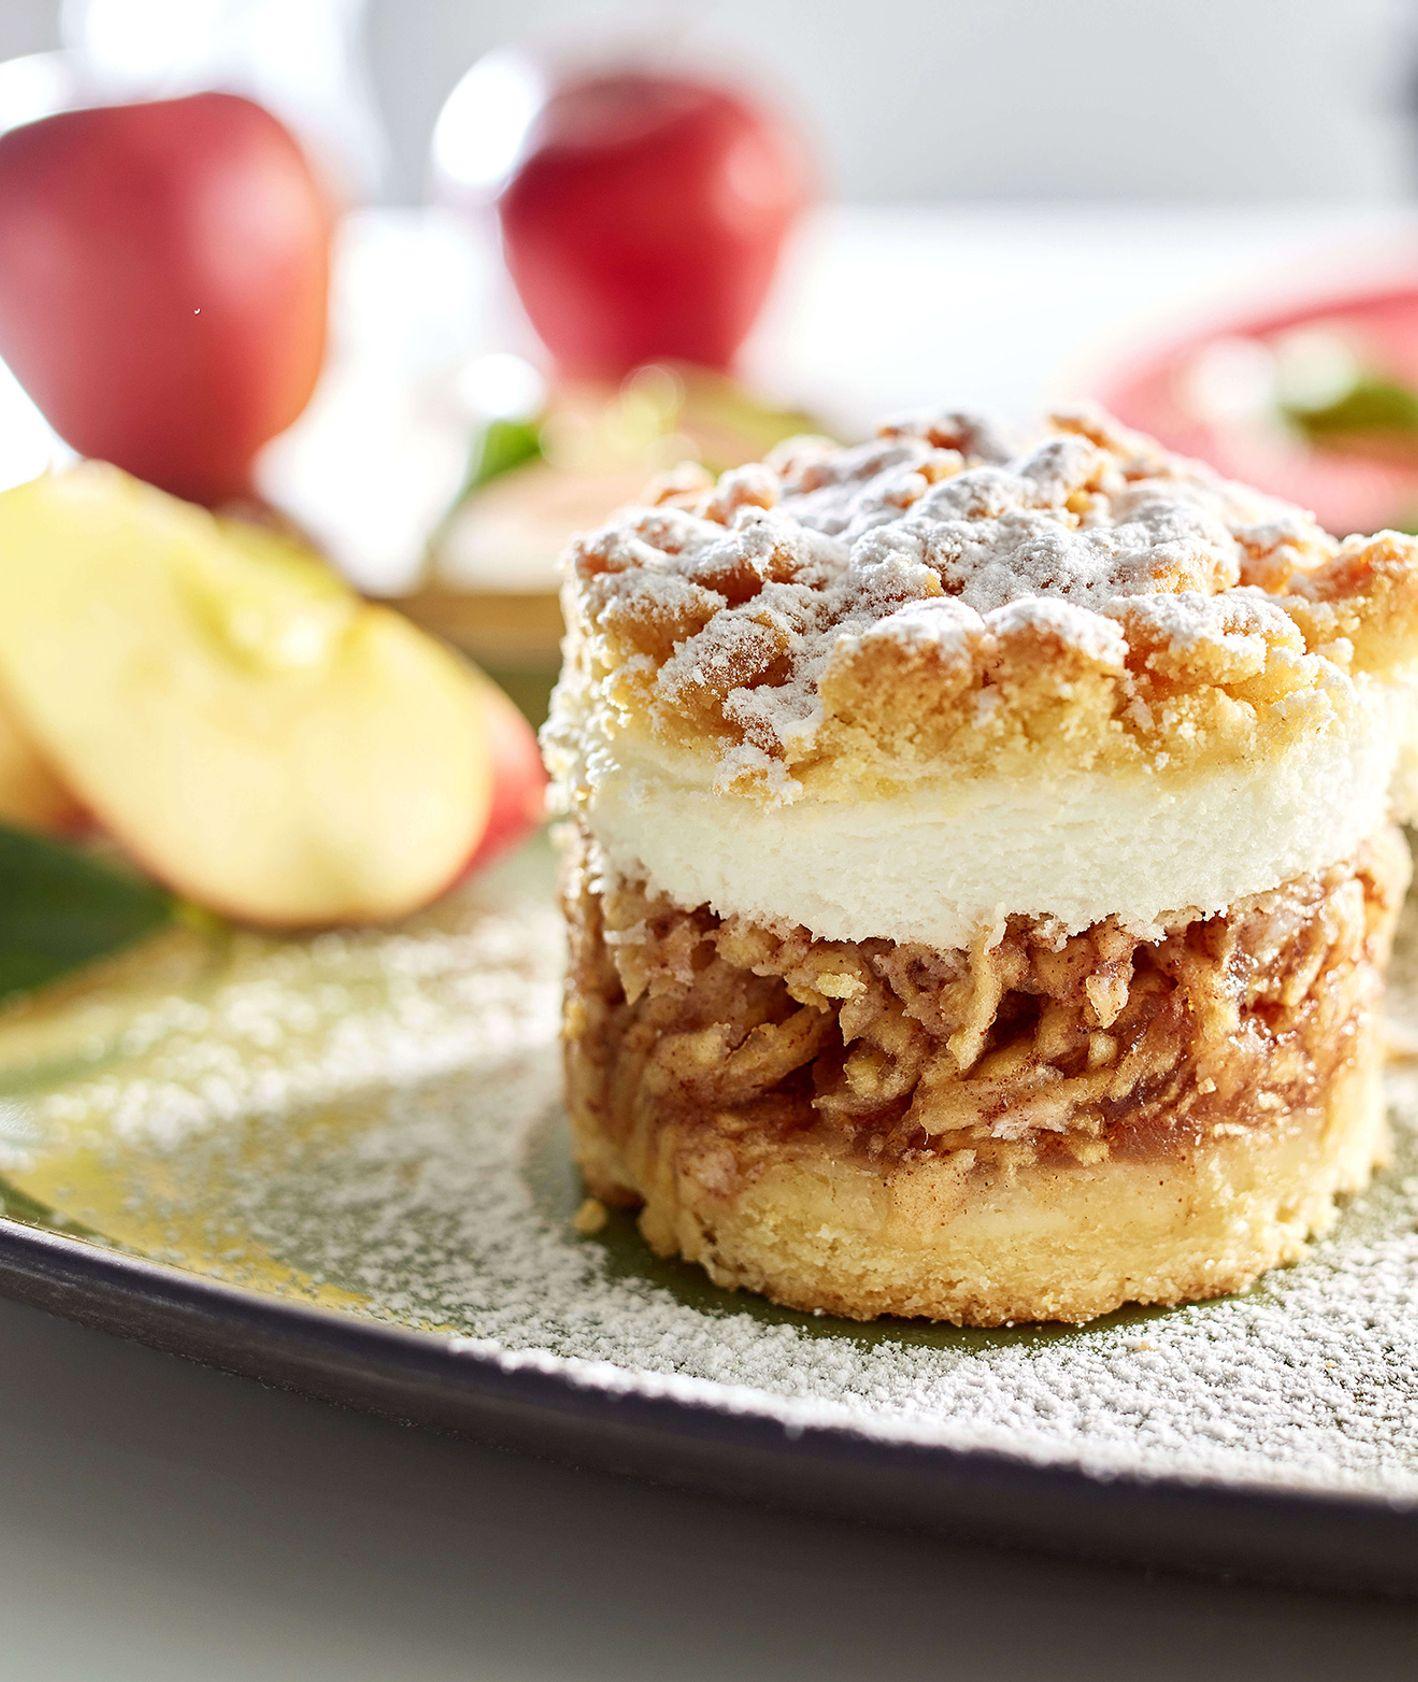 Jabłecznik na kruchym spodzie z bezą i kruszonką posypany cukrem pudrem, makro